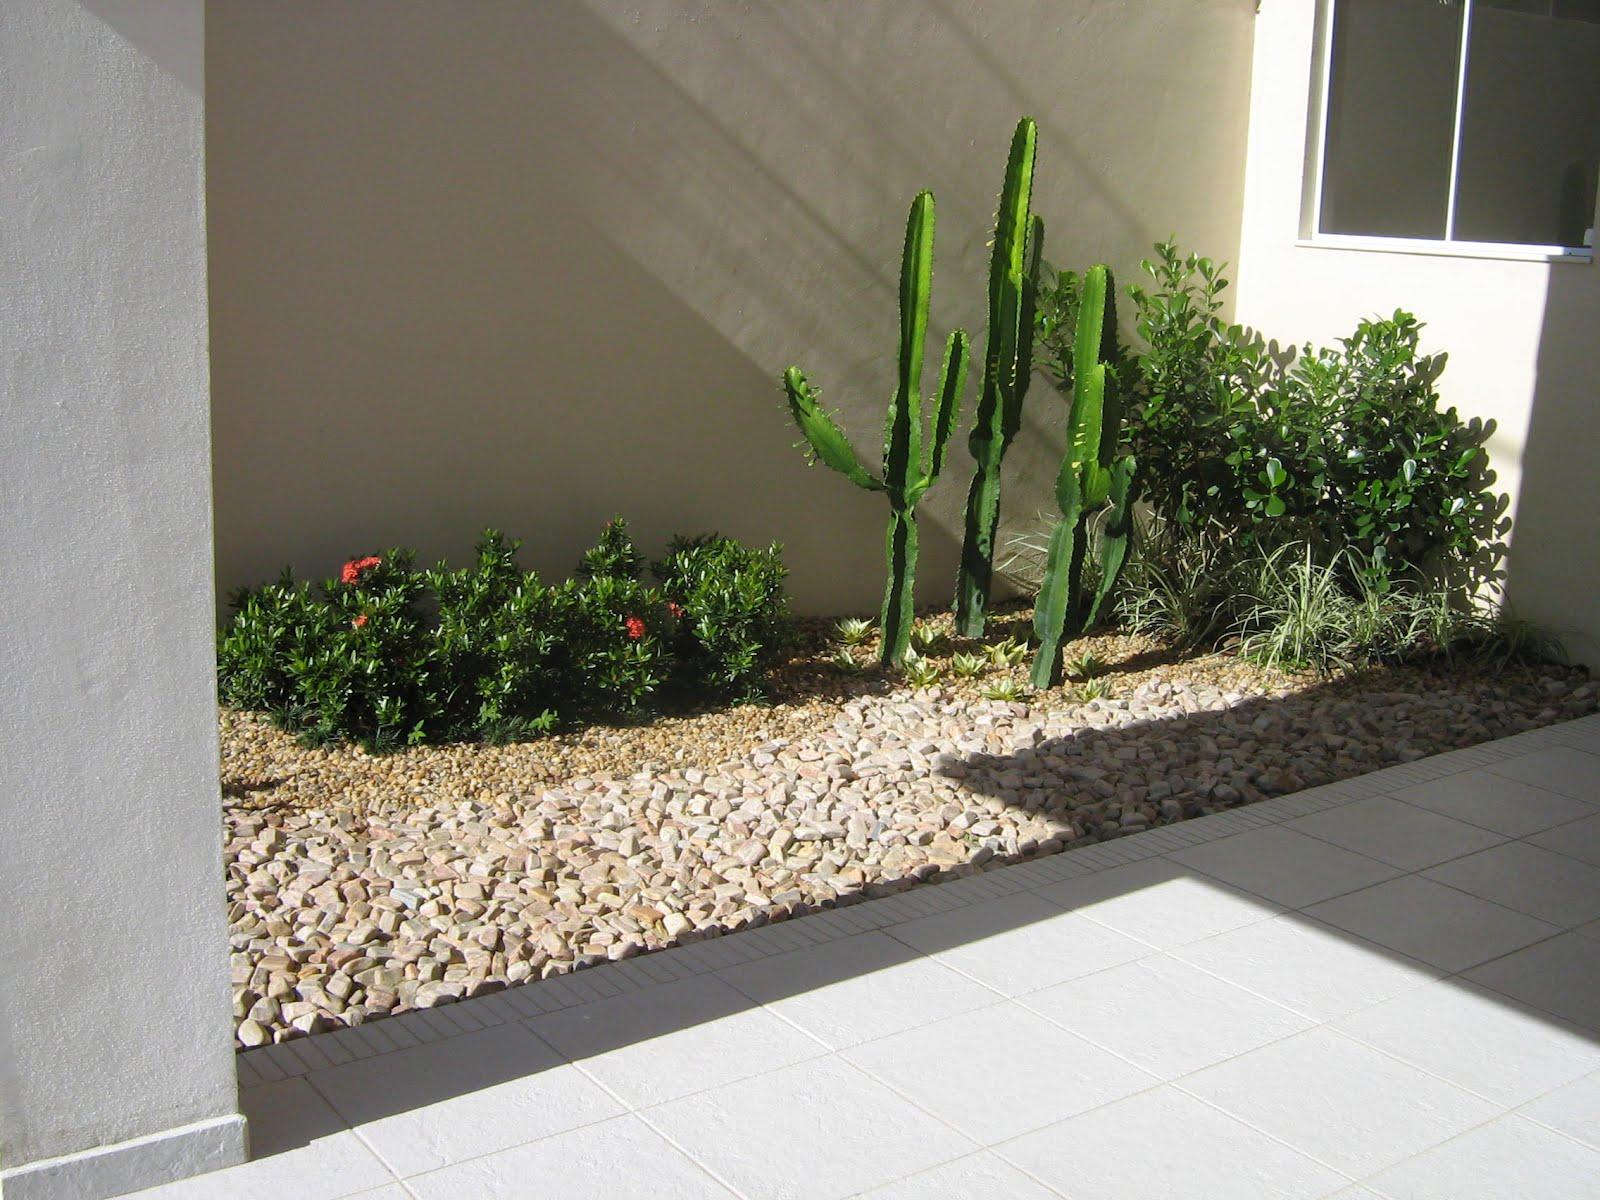 pedras decorativas para jardim rio de janeiro : pedras decorativas para jardim rio de janeiro:Mauro Pedras Decorativas: Jardim de Pedra de Rio